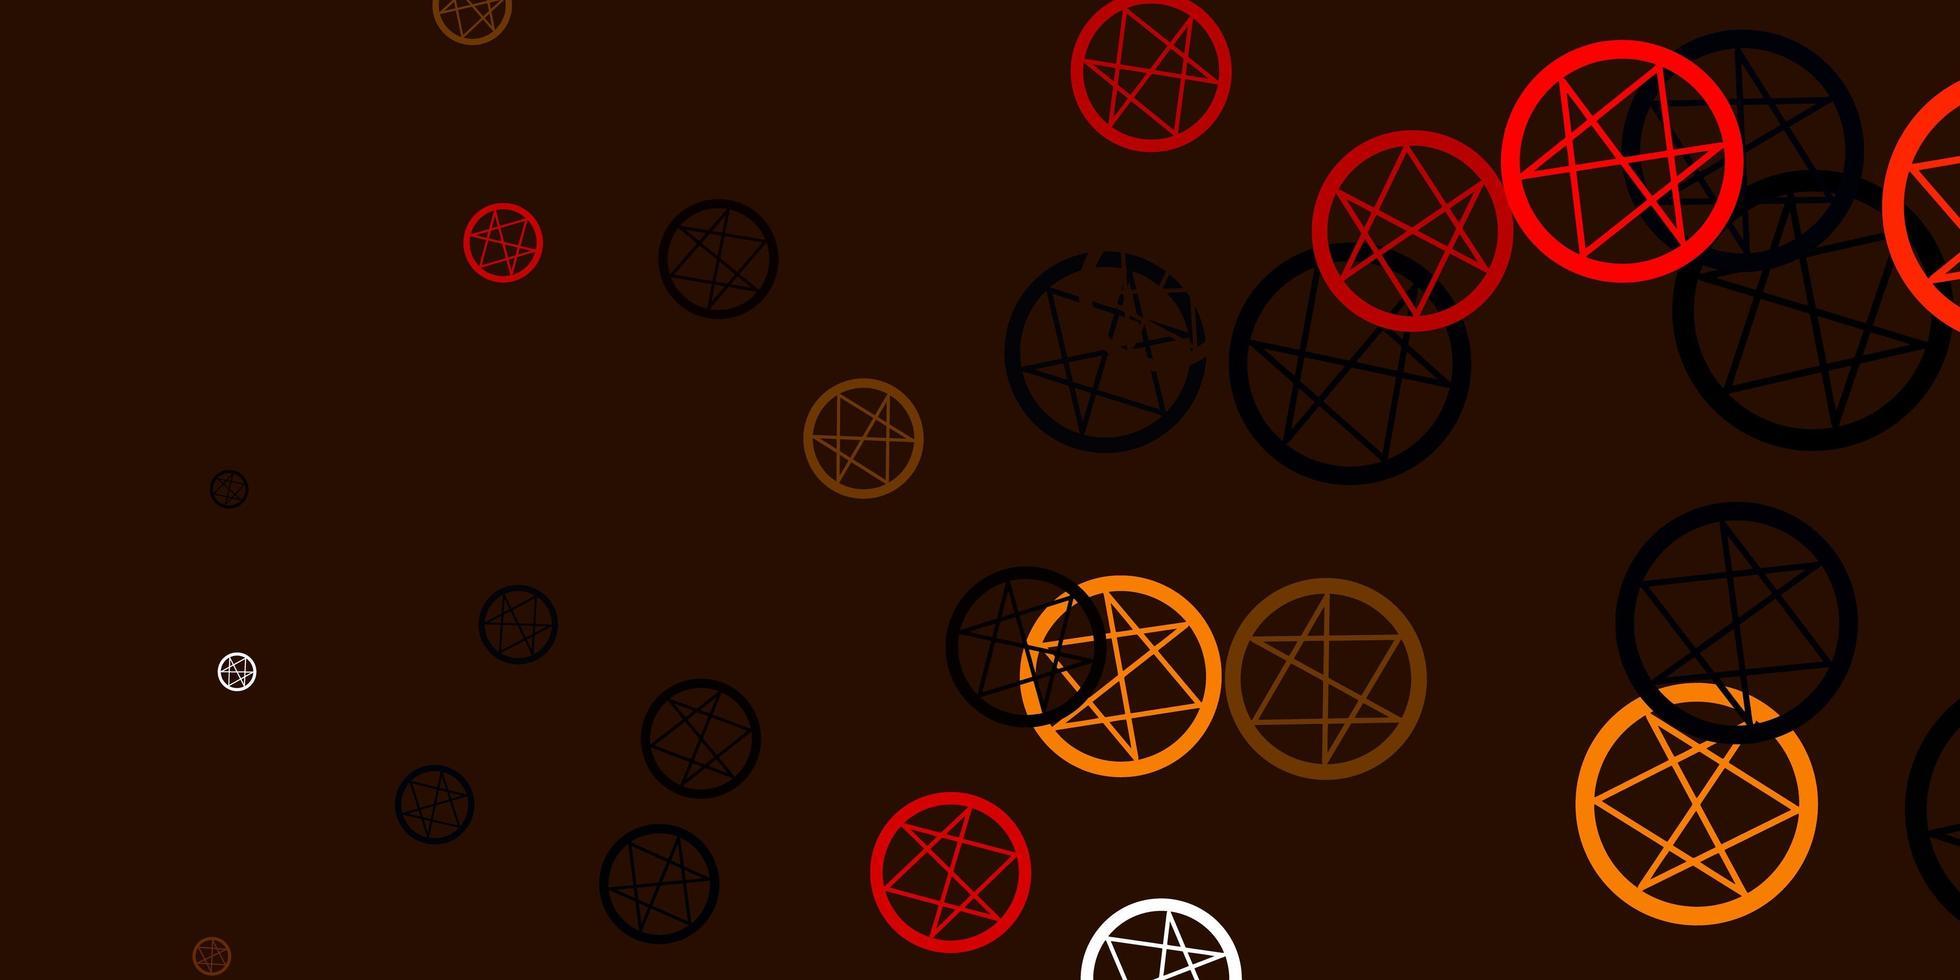 toile de fond de vecteur orange clair avec des symboles mystérieux.